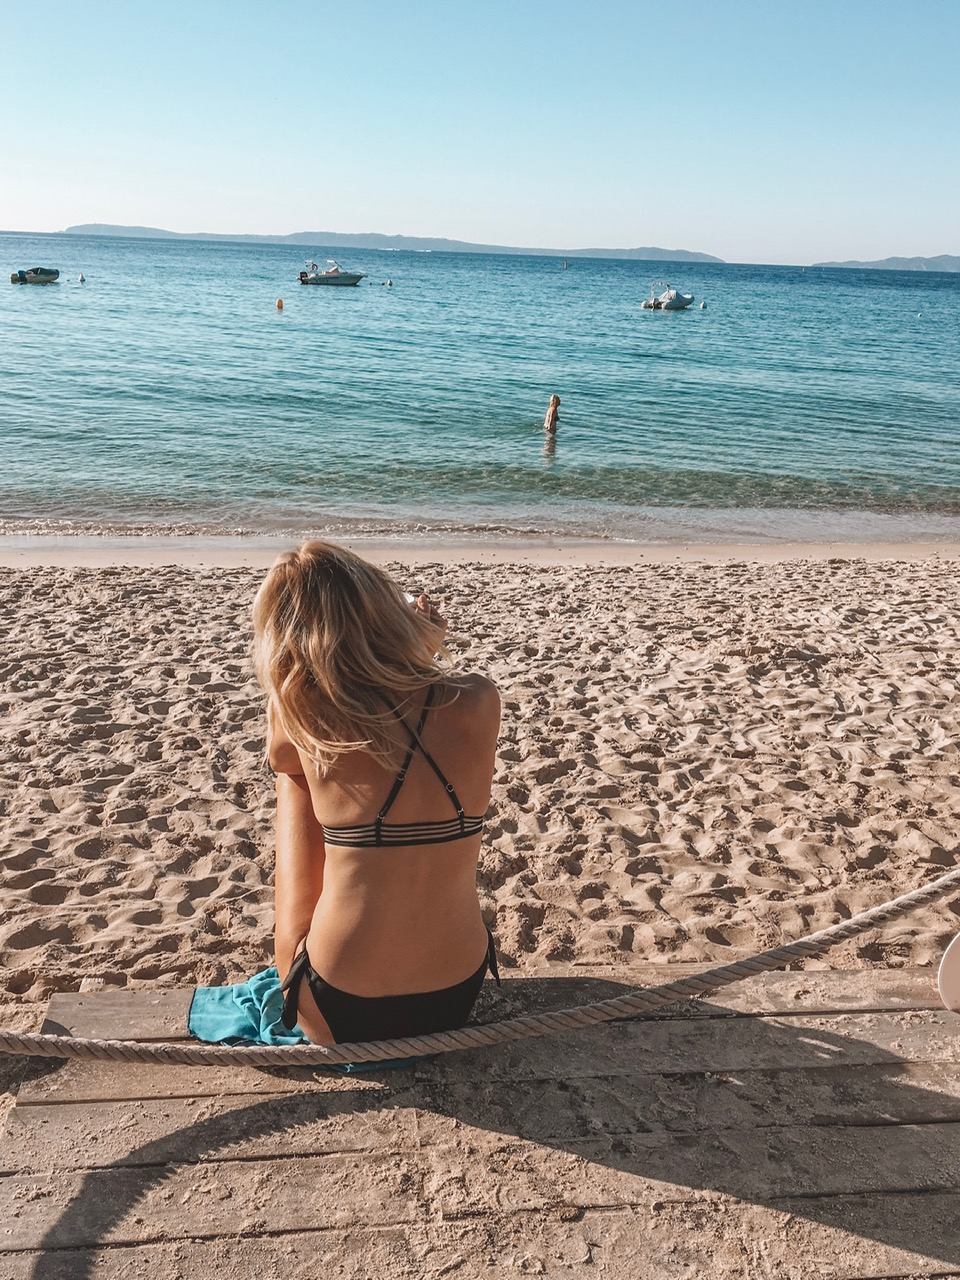 Sommerurlaub mit Kindern an der Cote d'Azur.